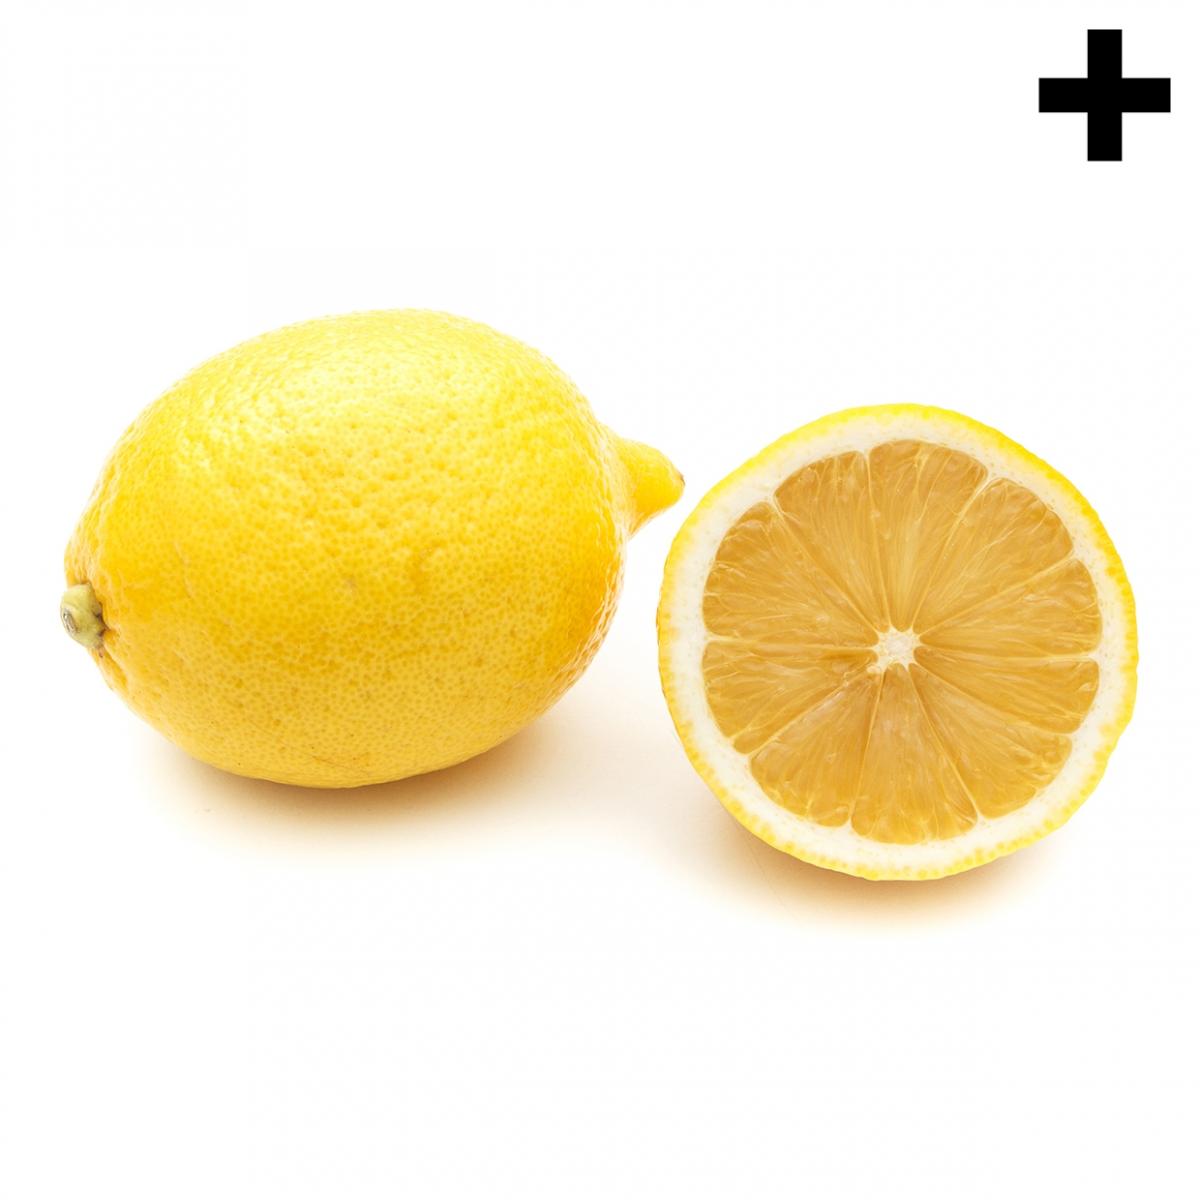 Imagen en la que se ve un limón entero y medio delante de él